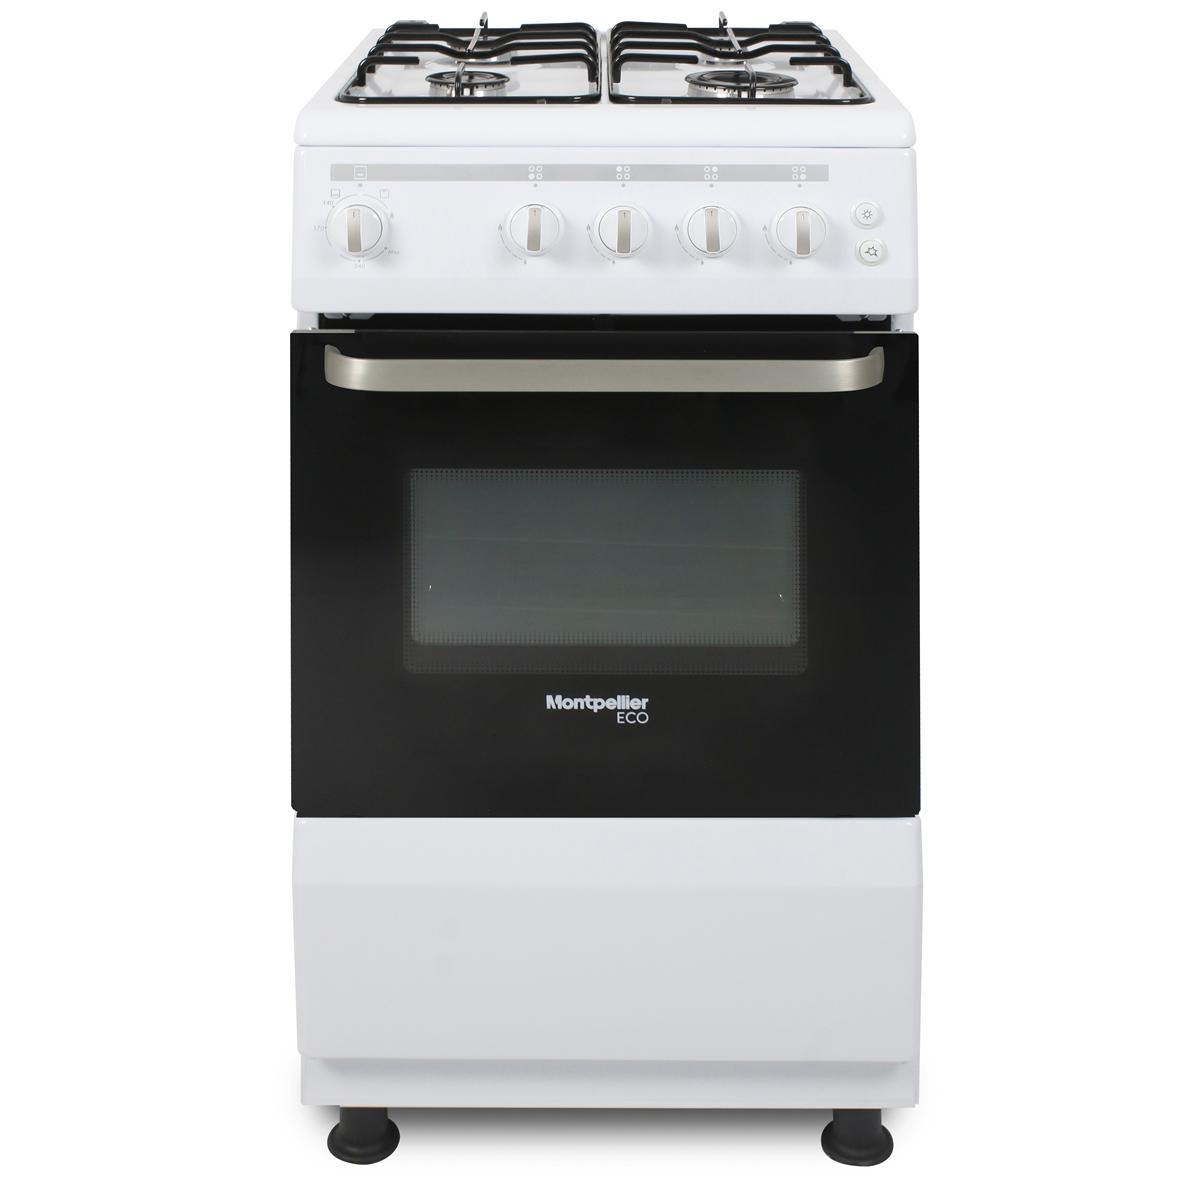 SCG50W-ECO 500mm Single Gas Oven & Grill 4-Burner Hob